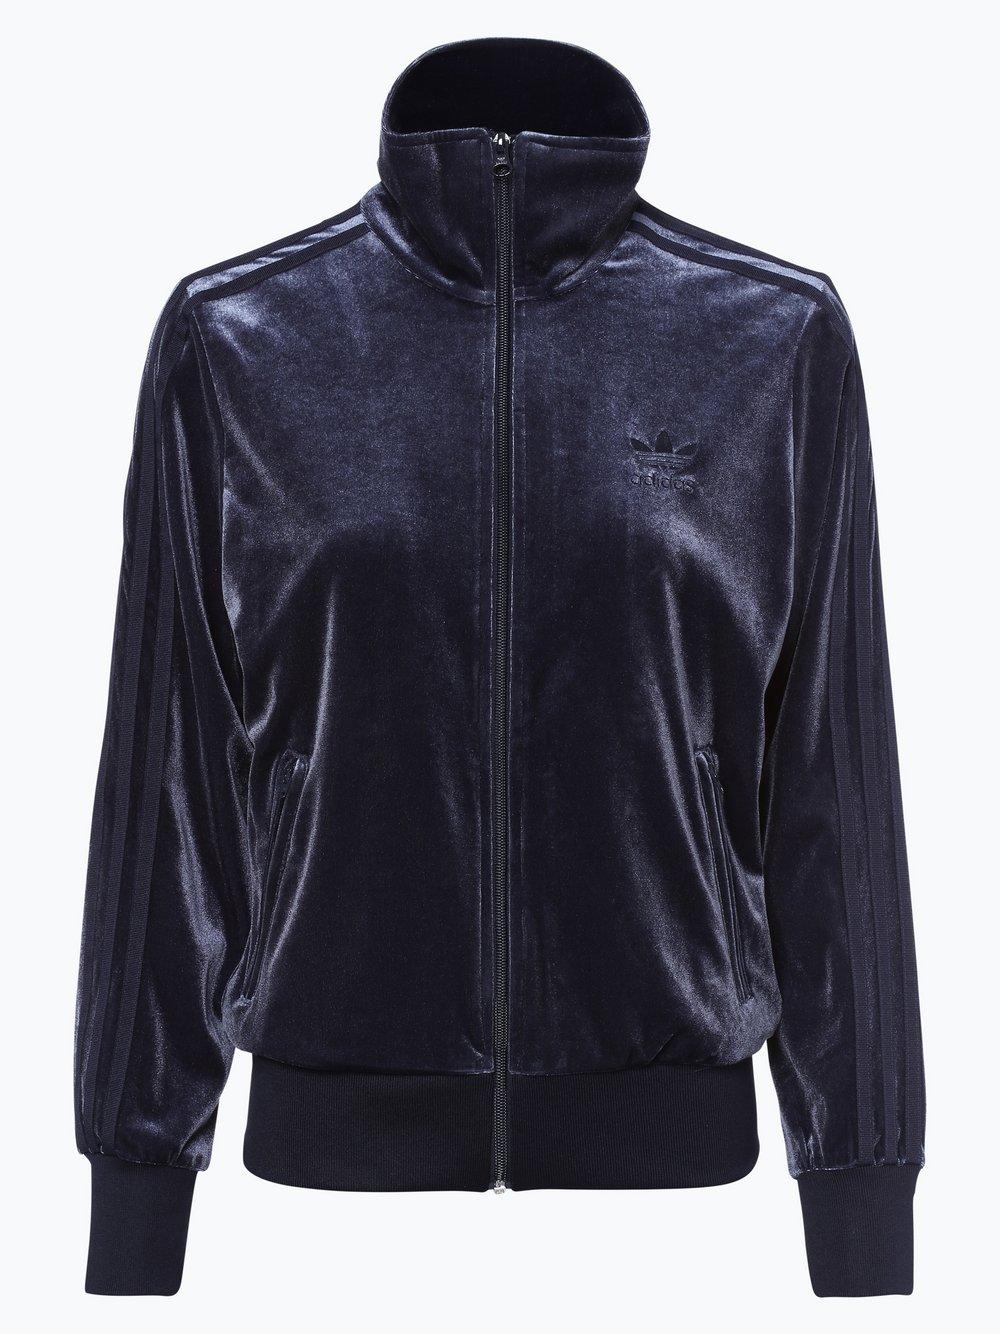 Obraz przedstawiający adidas Originals - Damska bluza rozpinana, niebieski